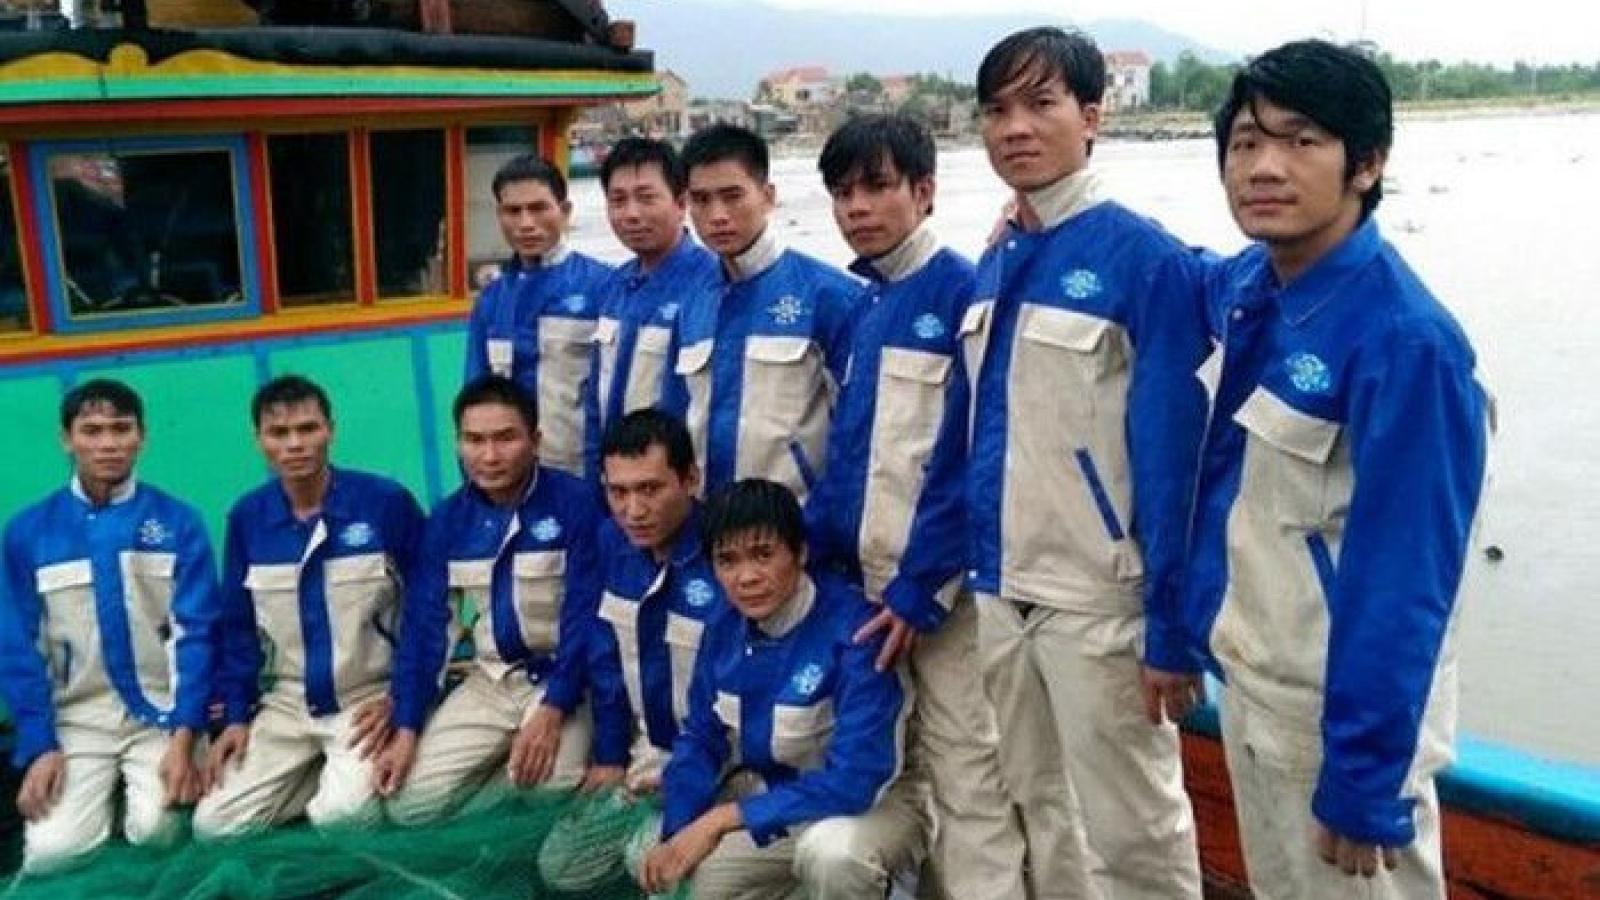 Quyền lợi thuyền viên Việt Nam làm việc trên tàu cá Hàn Quốc được nâng cao